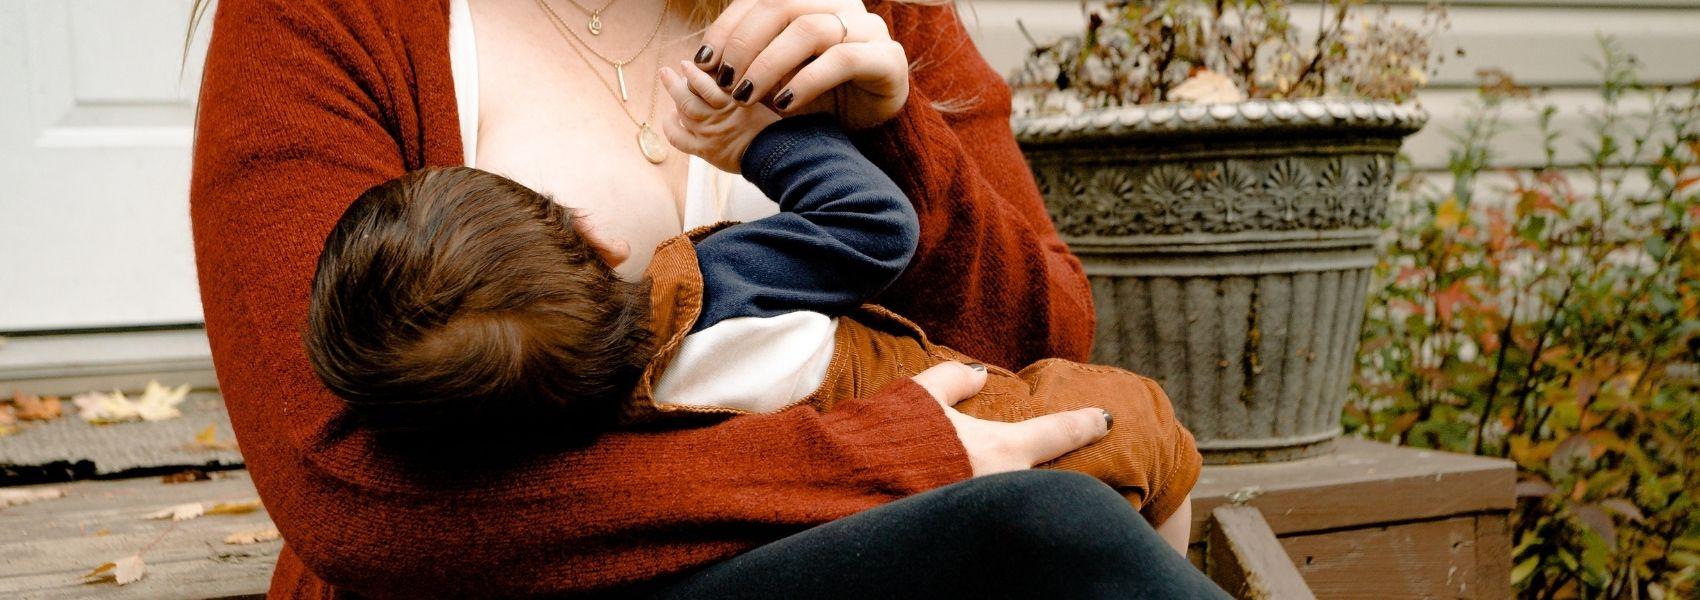 Amamentação, mesmo que por alguns dias, associada à redução da pressão arterial na primeira infância